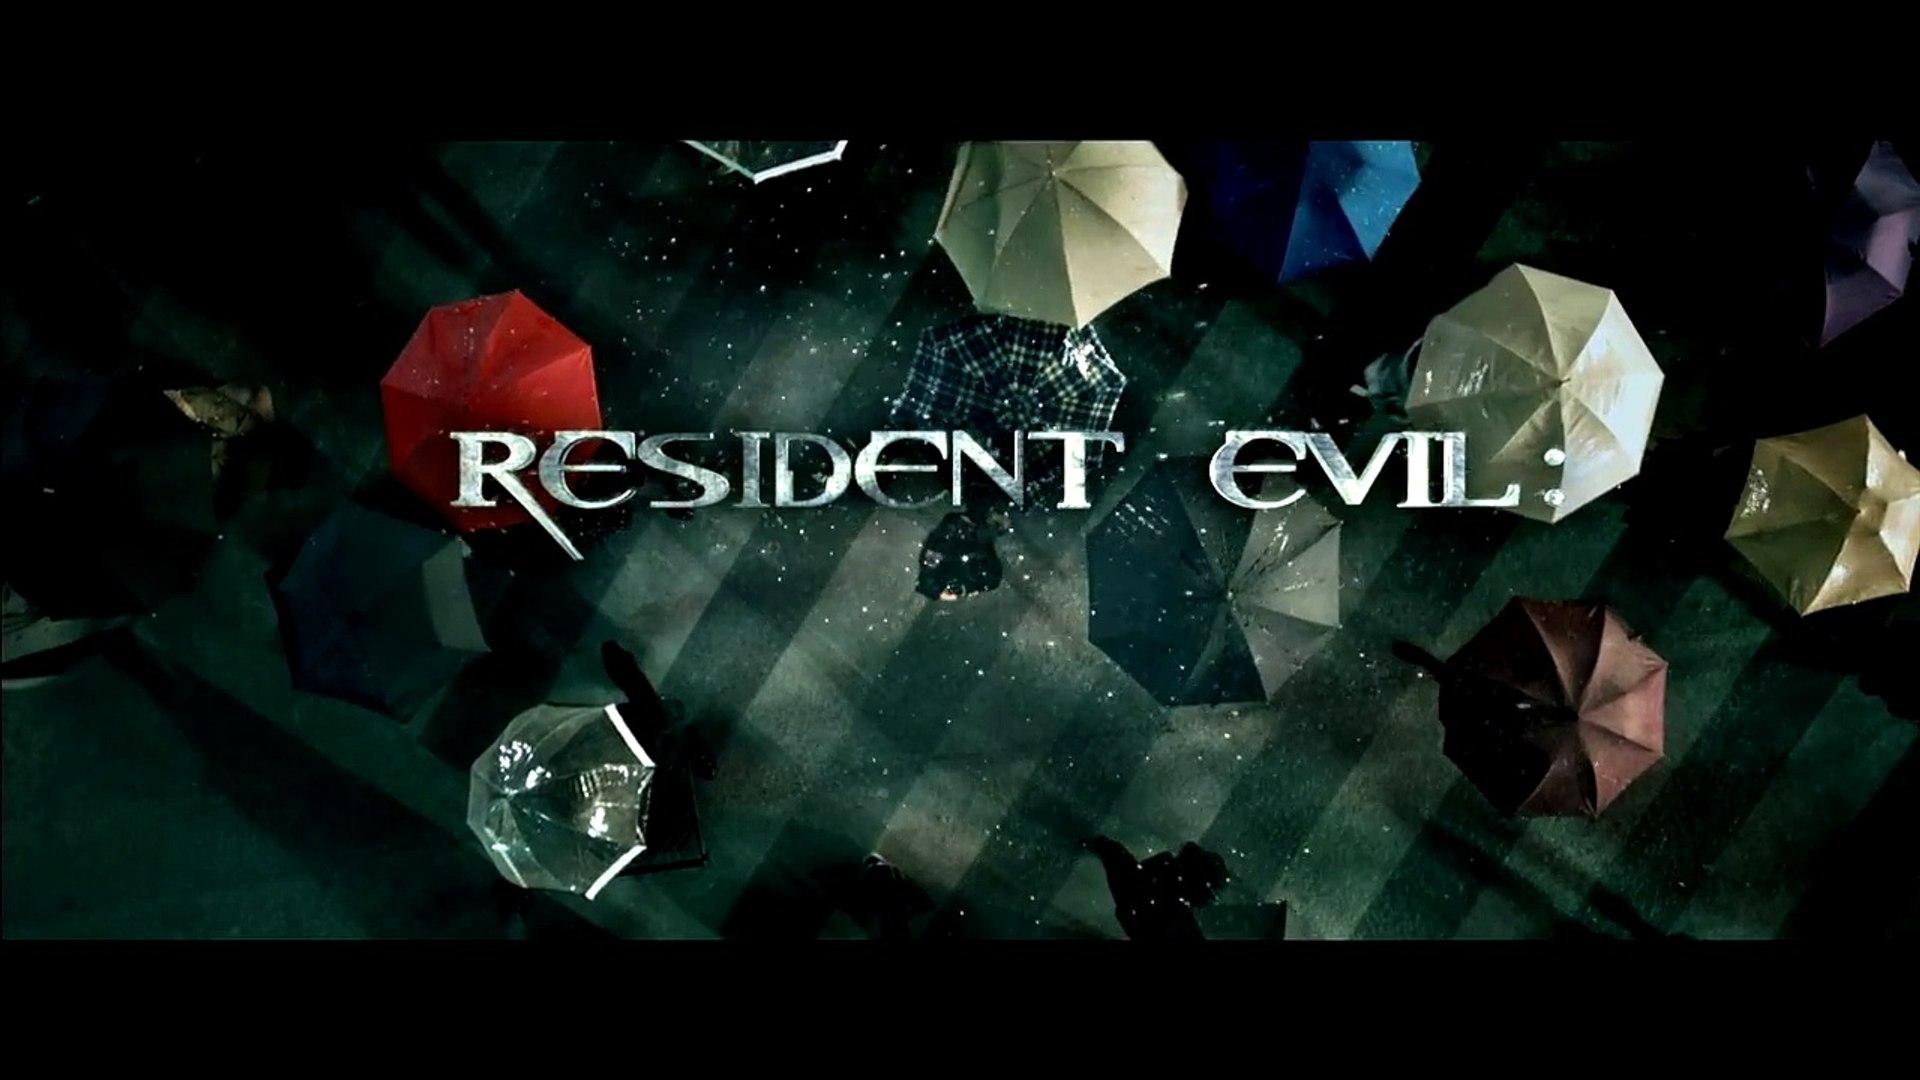 crystal resident evil afterlife cast